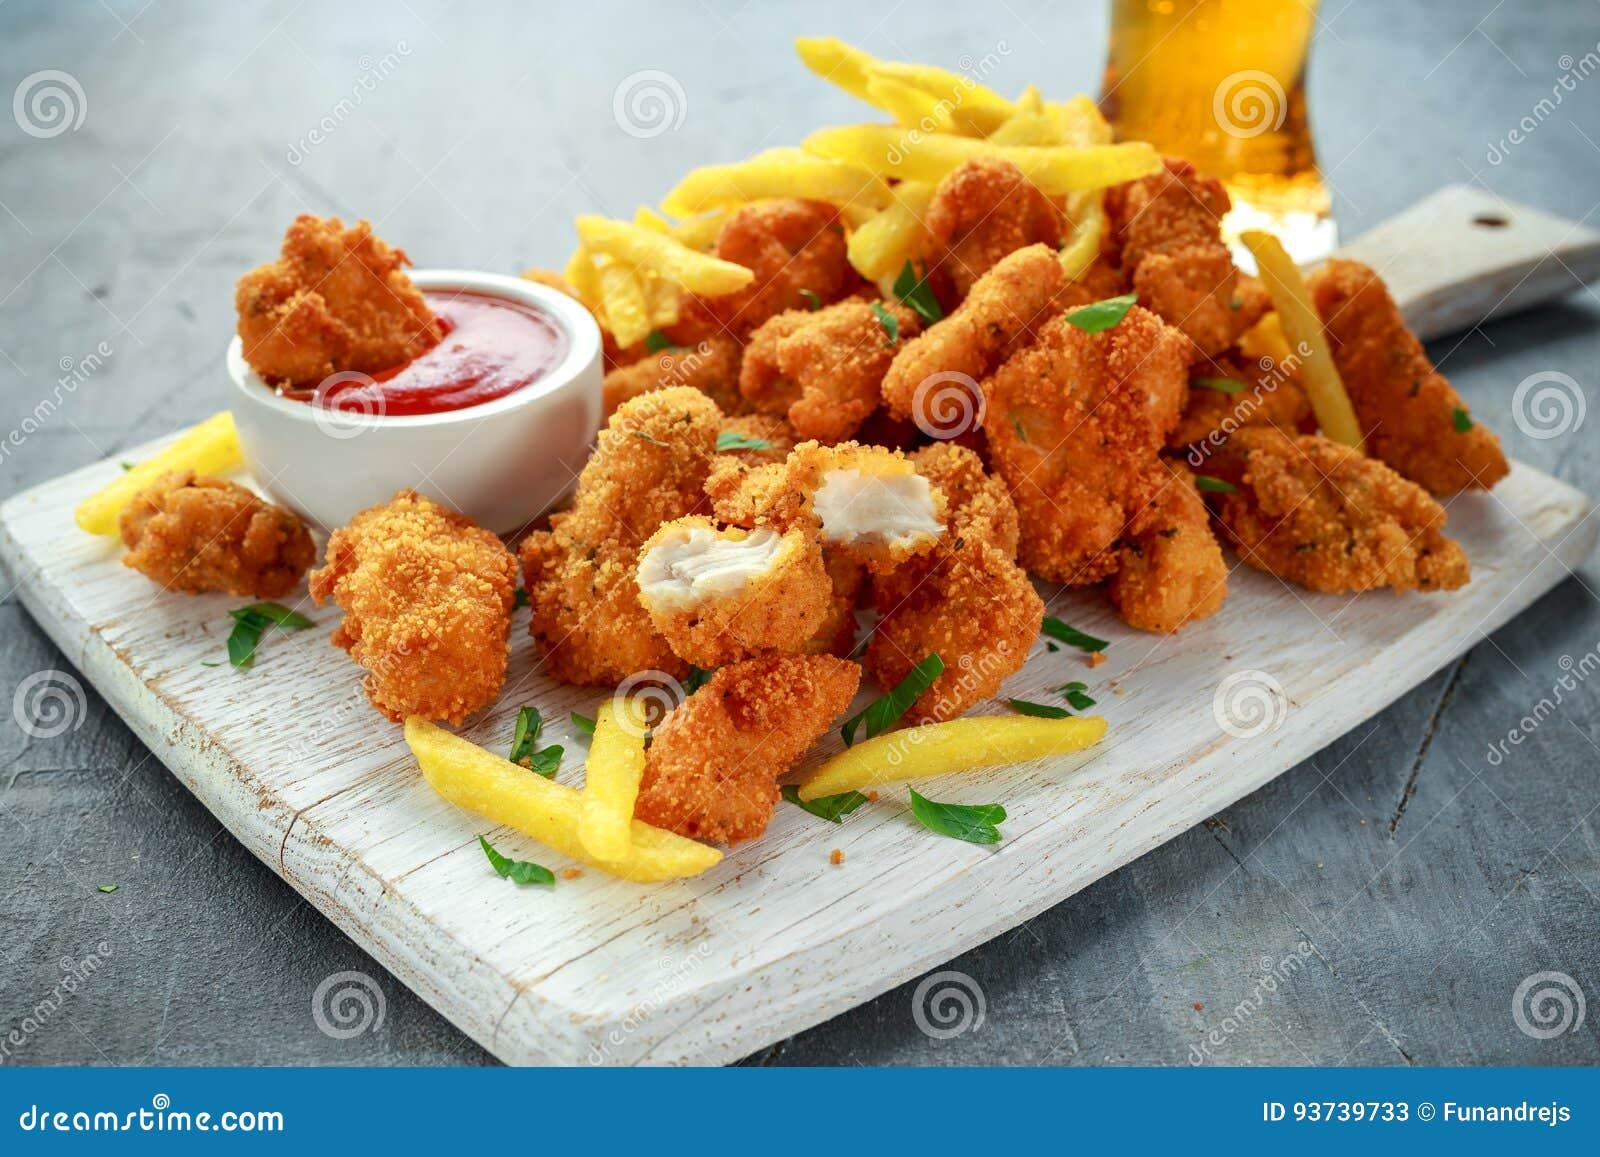 Зажаренные кудрявые наггеты цыпленка с французскими фраями, кетчуп и пивом на белой доске